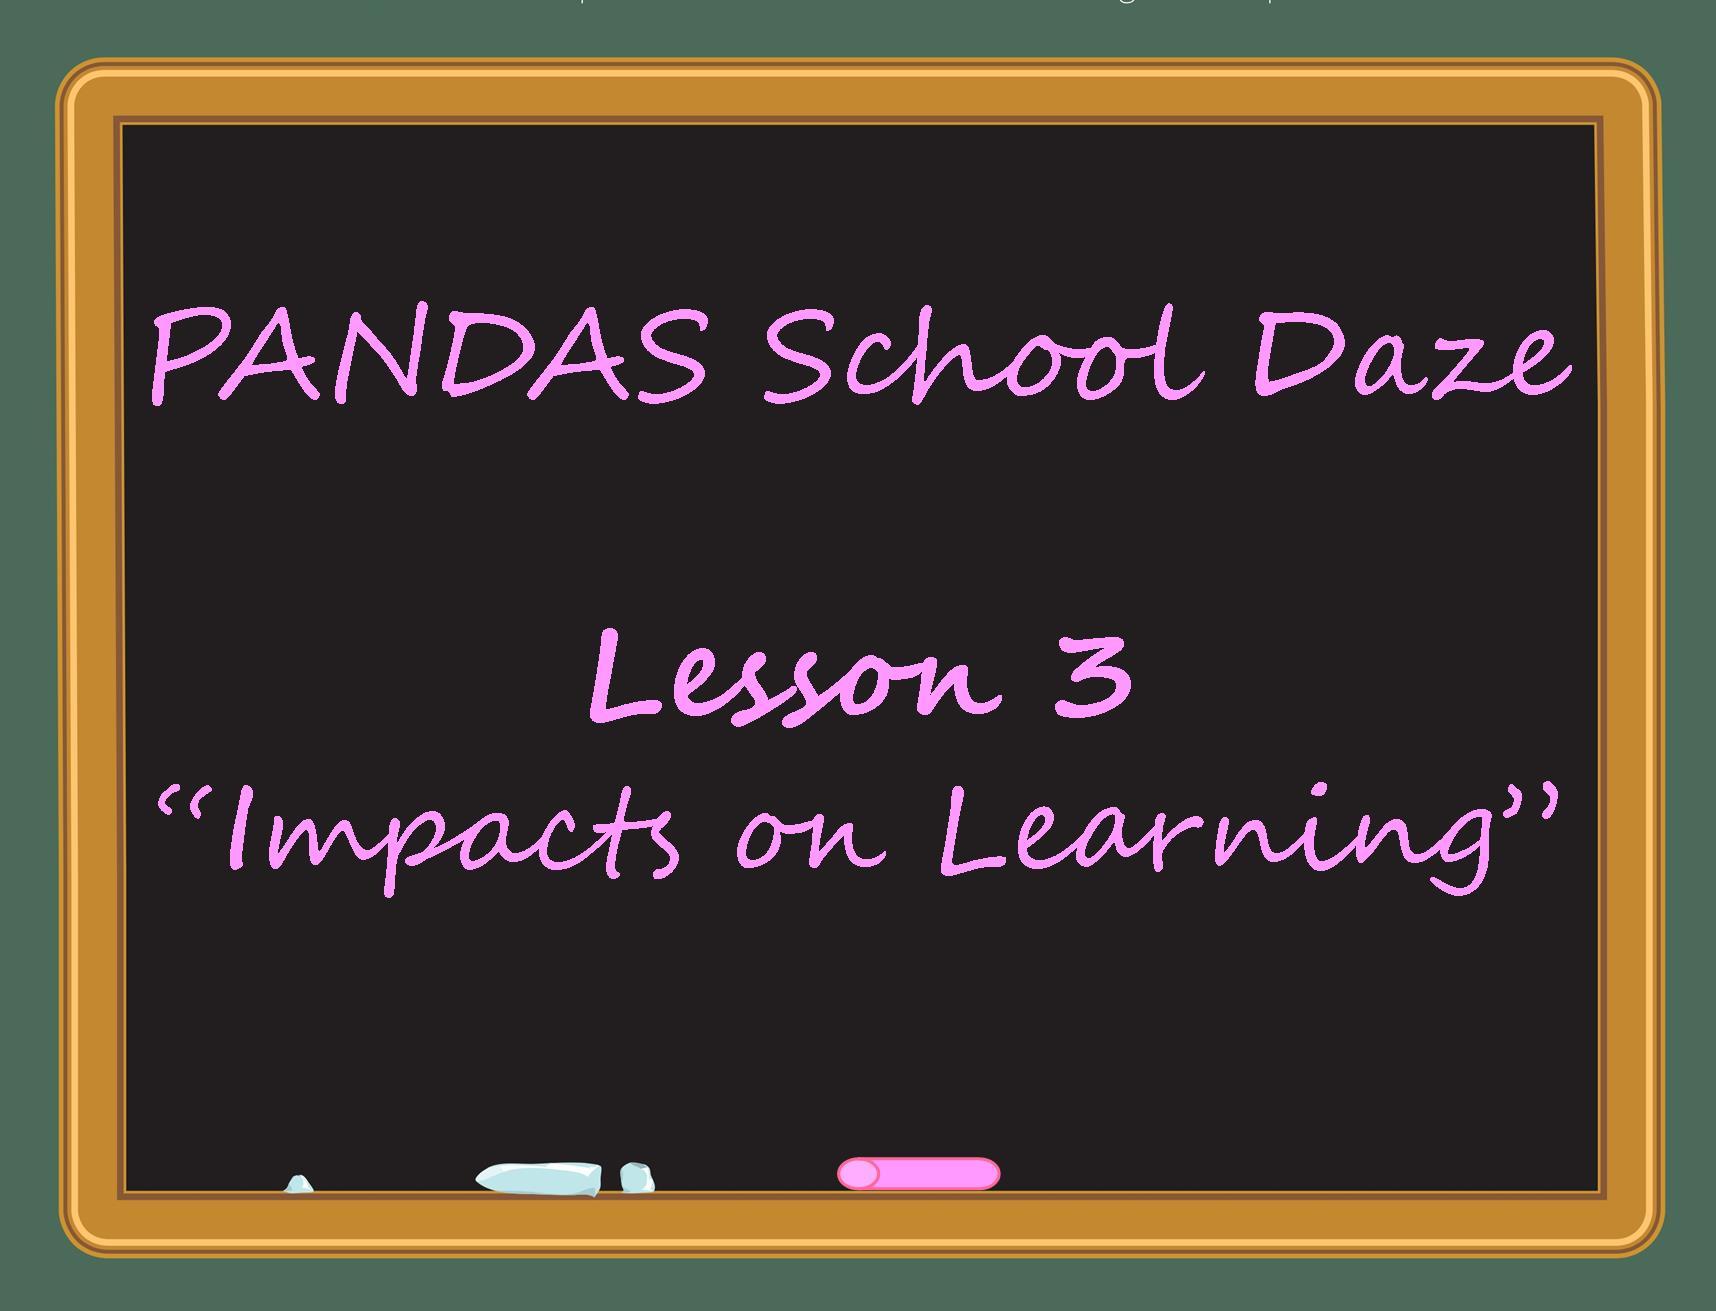 Pandas School Daze Pandas Pans And School Can Leave You Dazed